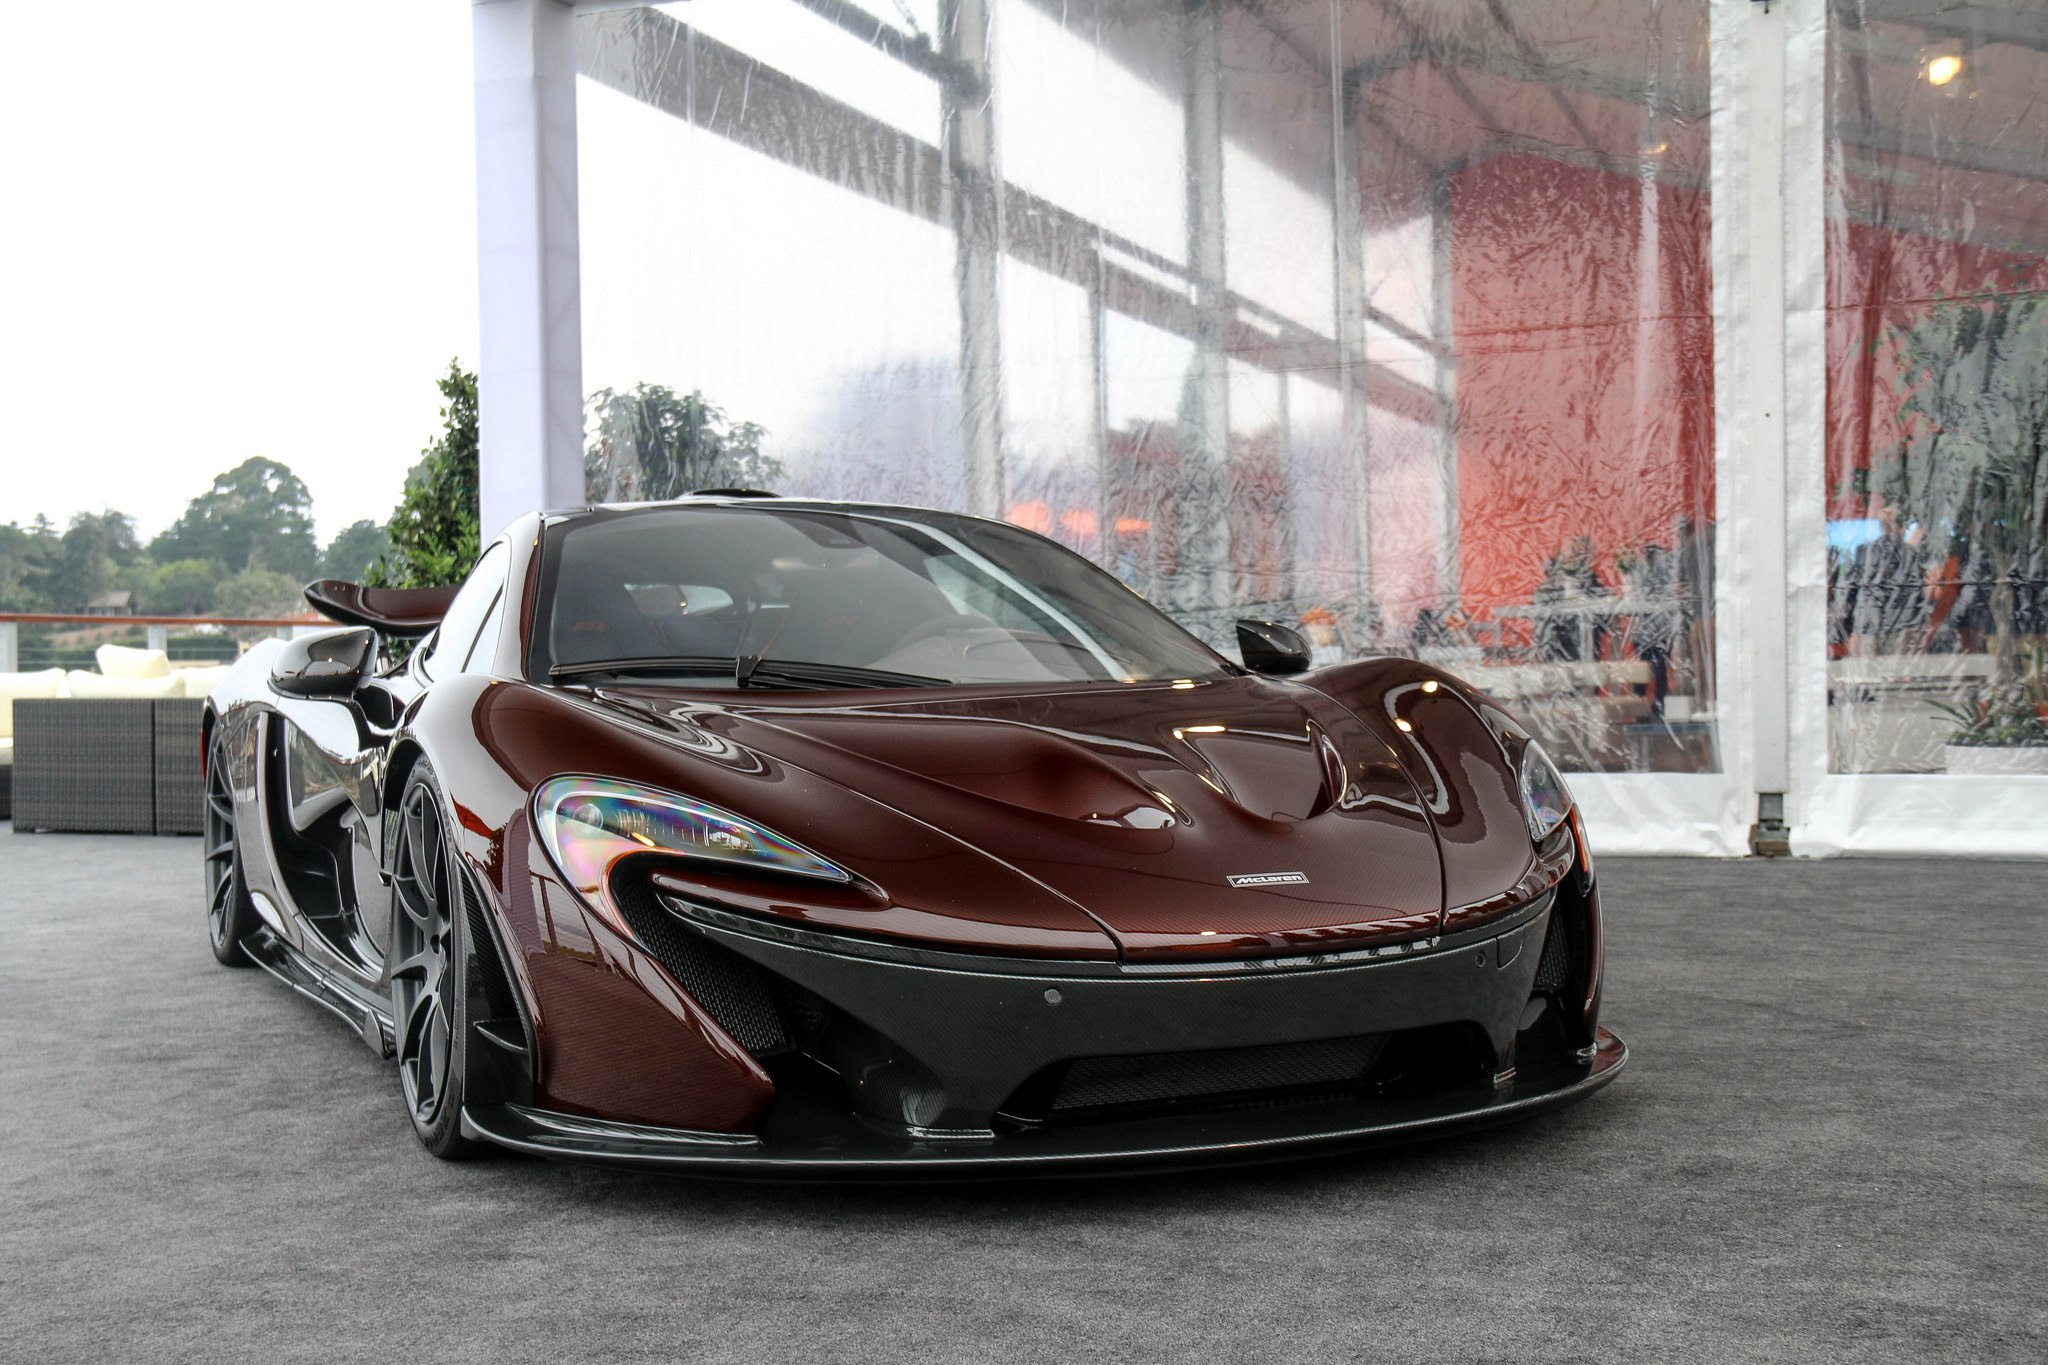 McLaren P1 HD Wallpaper | Background Image | 2048x1365 ...